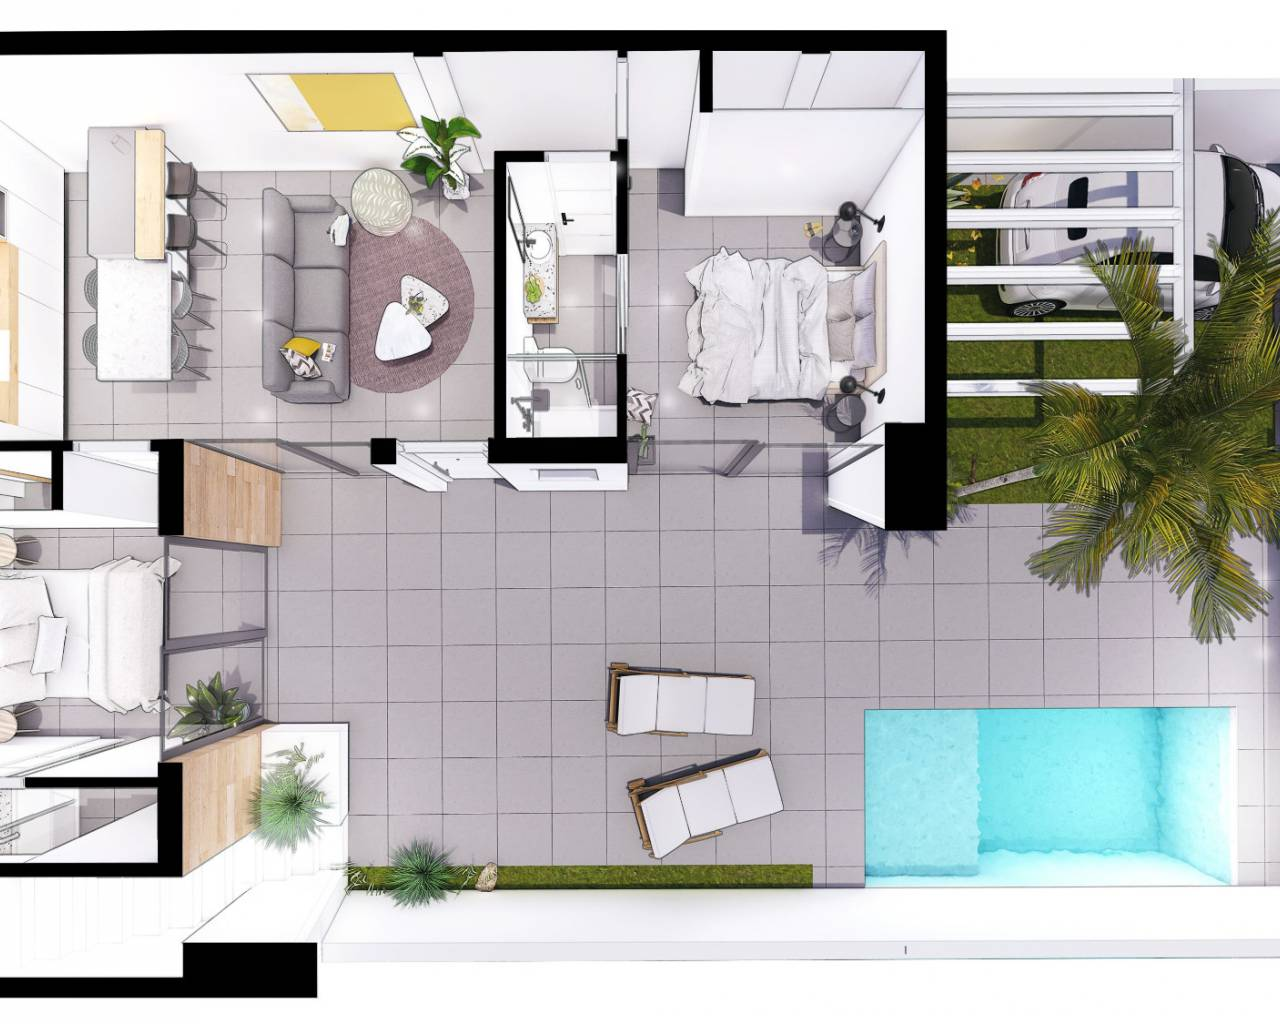 nieuwbouw-half-vrijstaande-villa-roldan_5753_xl